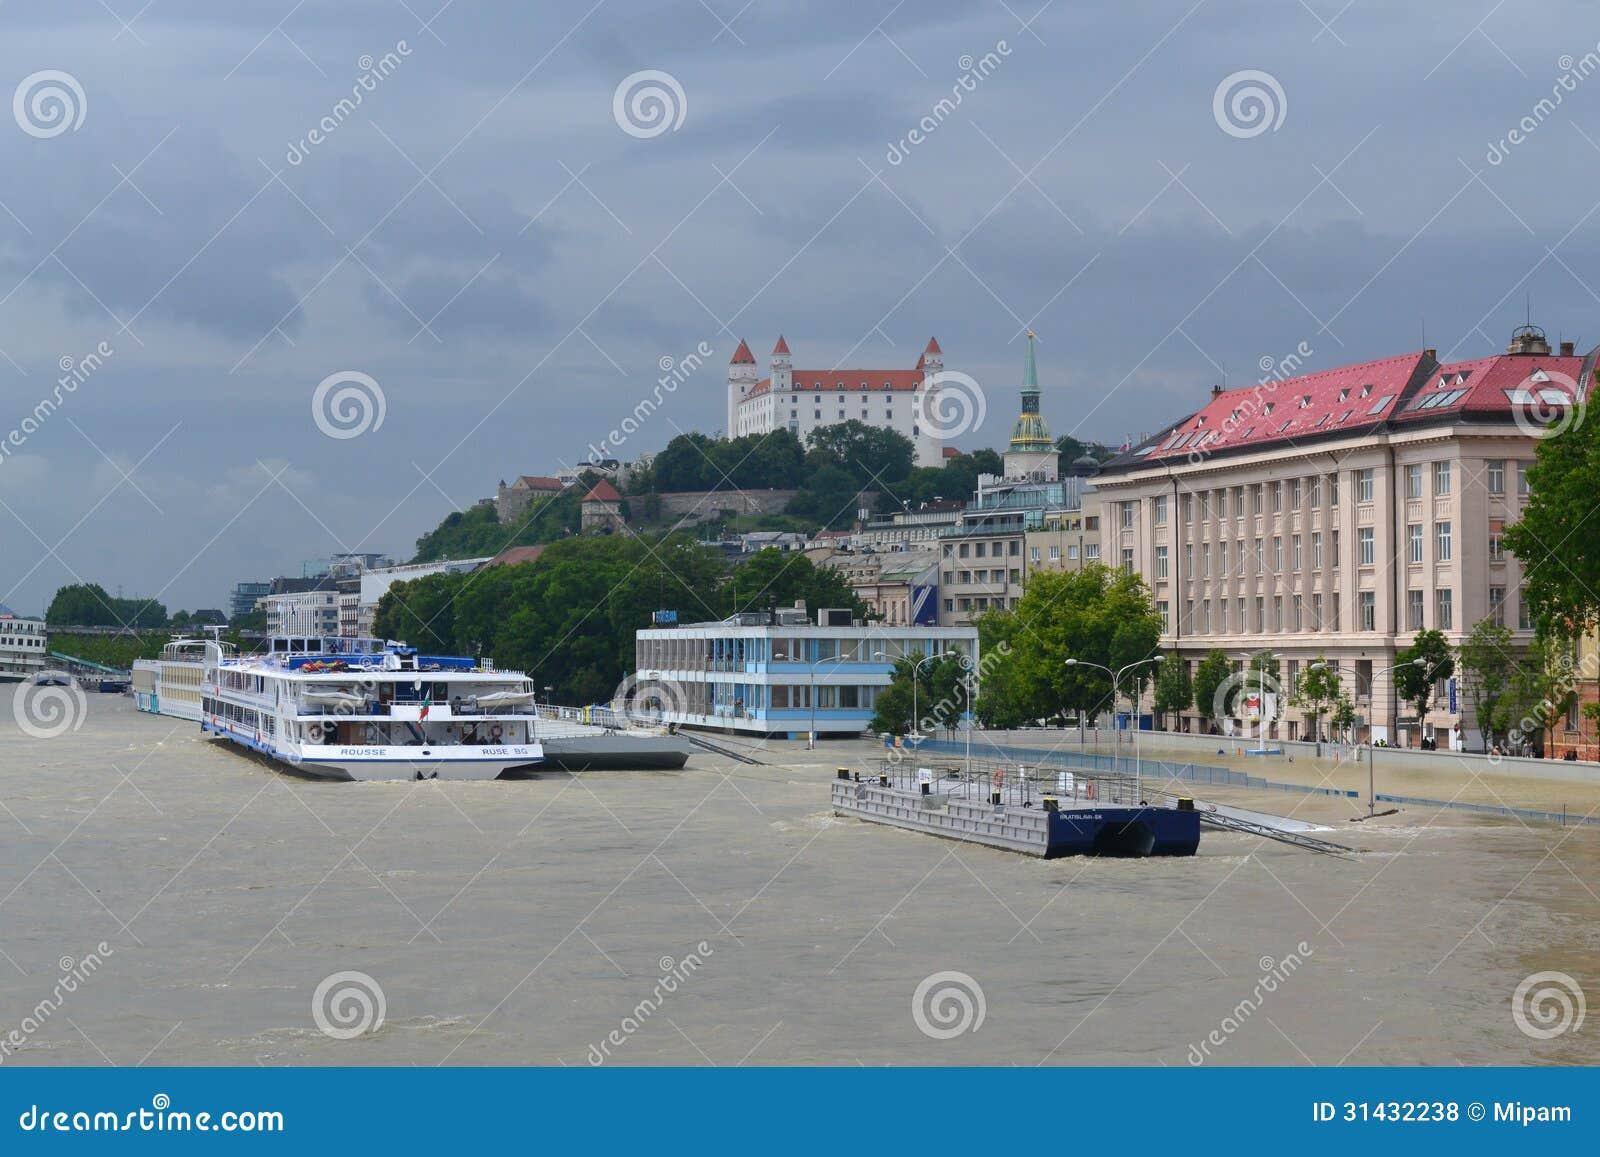 De rivier van donau het overlopen in bratislava op 5 juni 2013. het